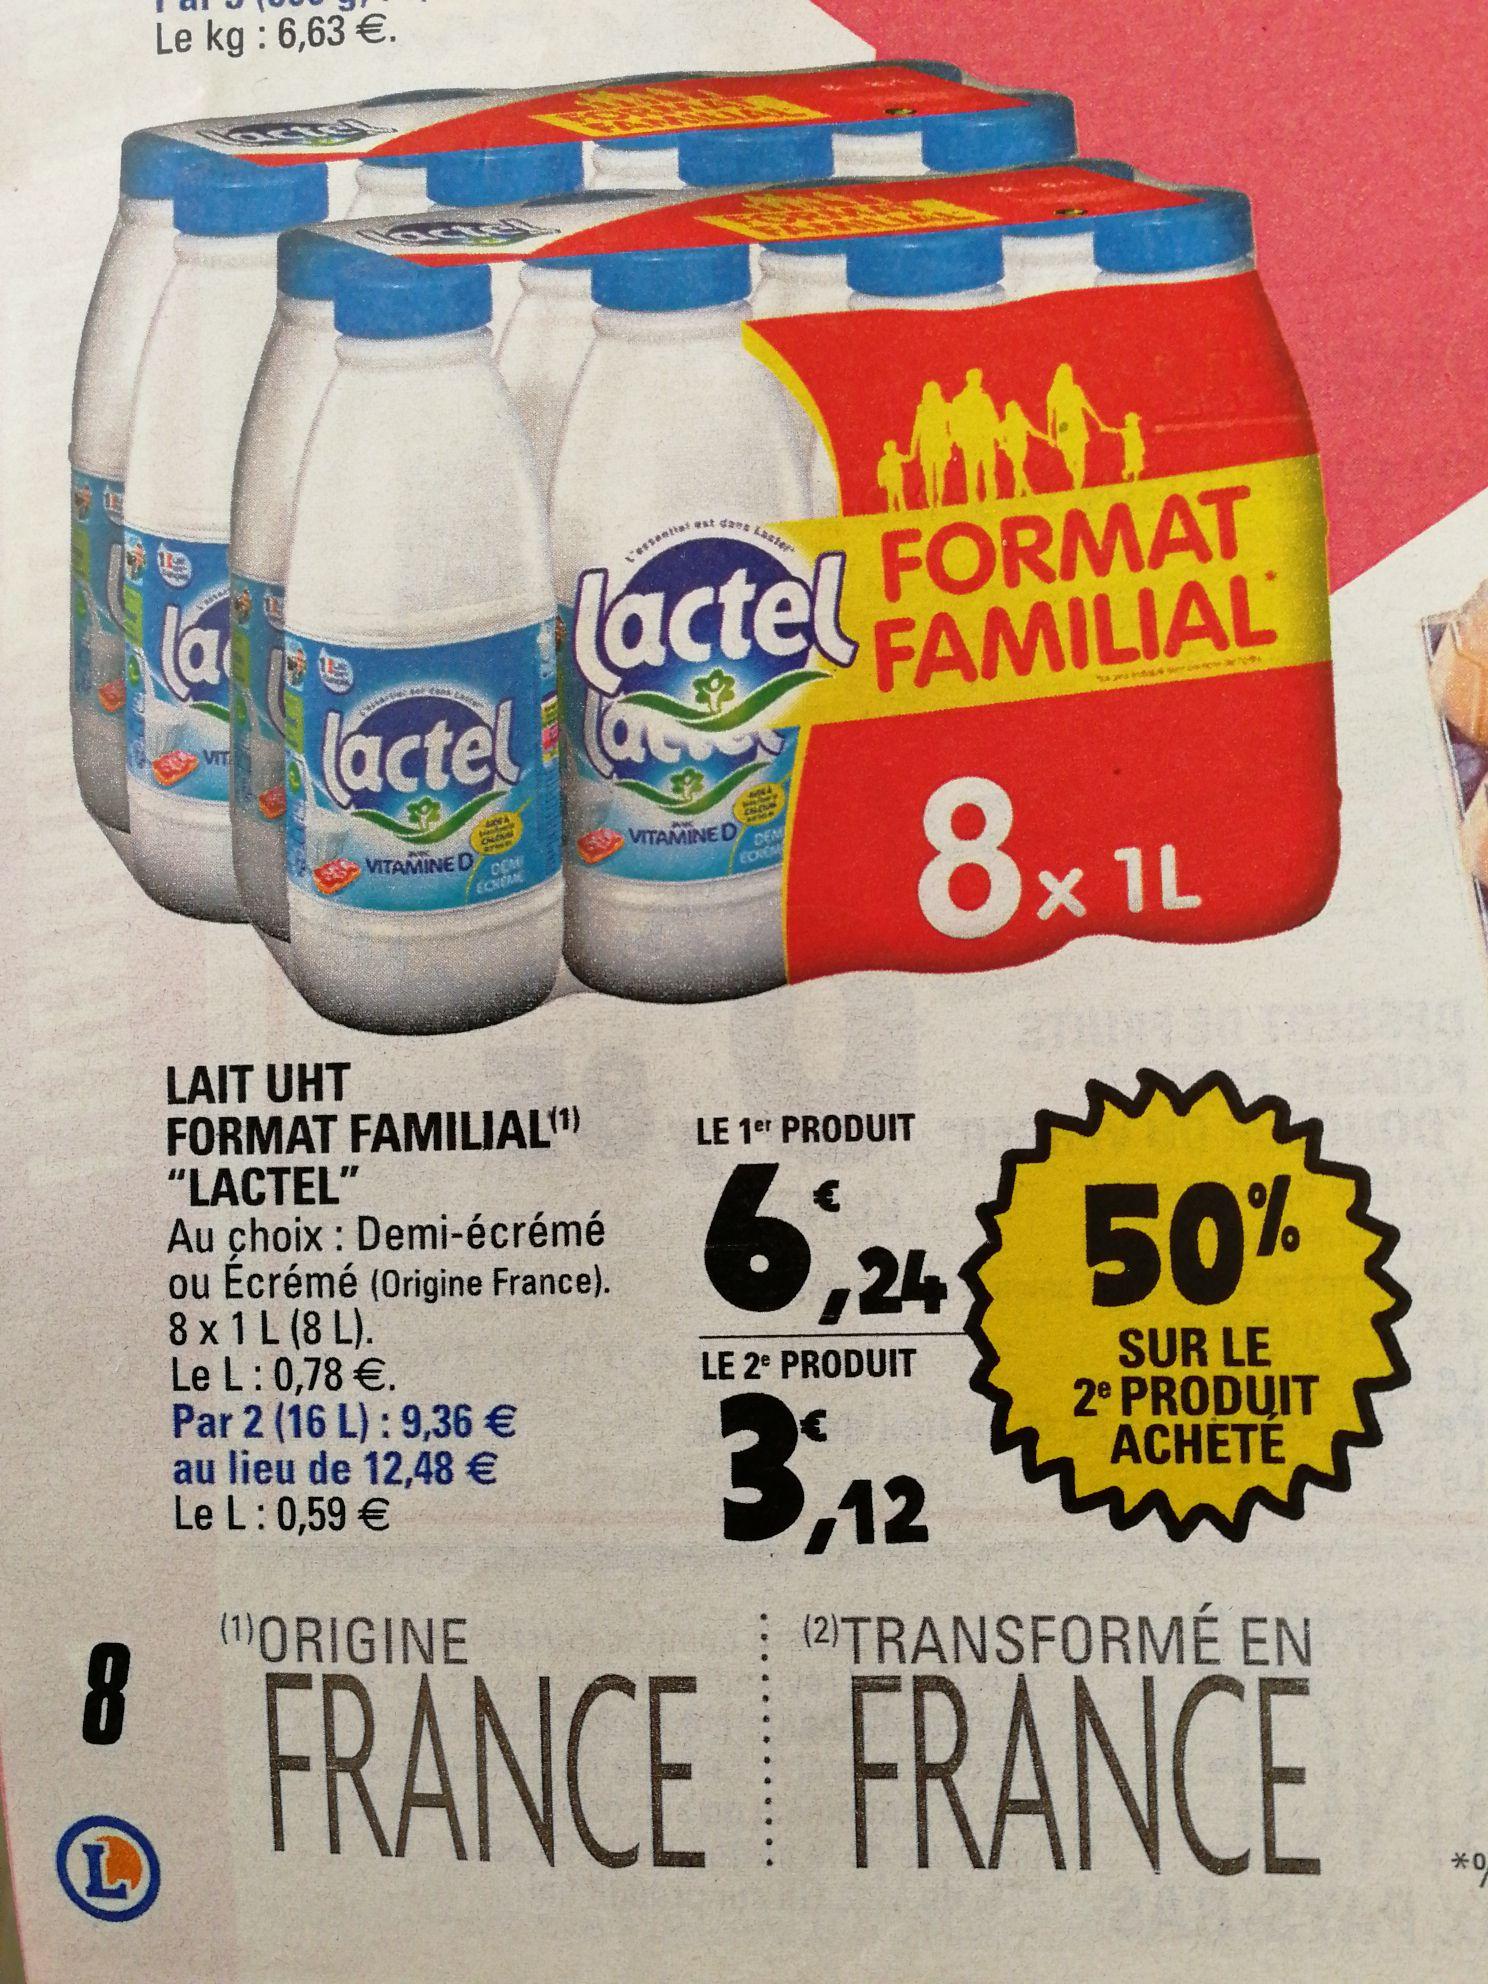 Lot de 2 packs de bouteilles de lait Lactel UHT (2x8L)